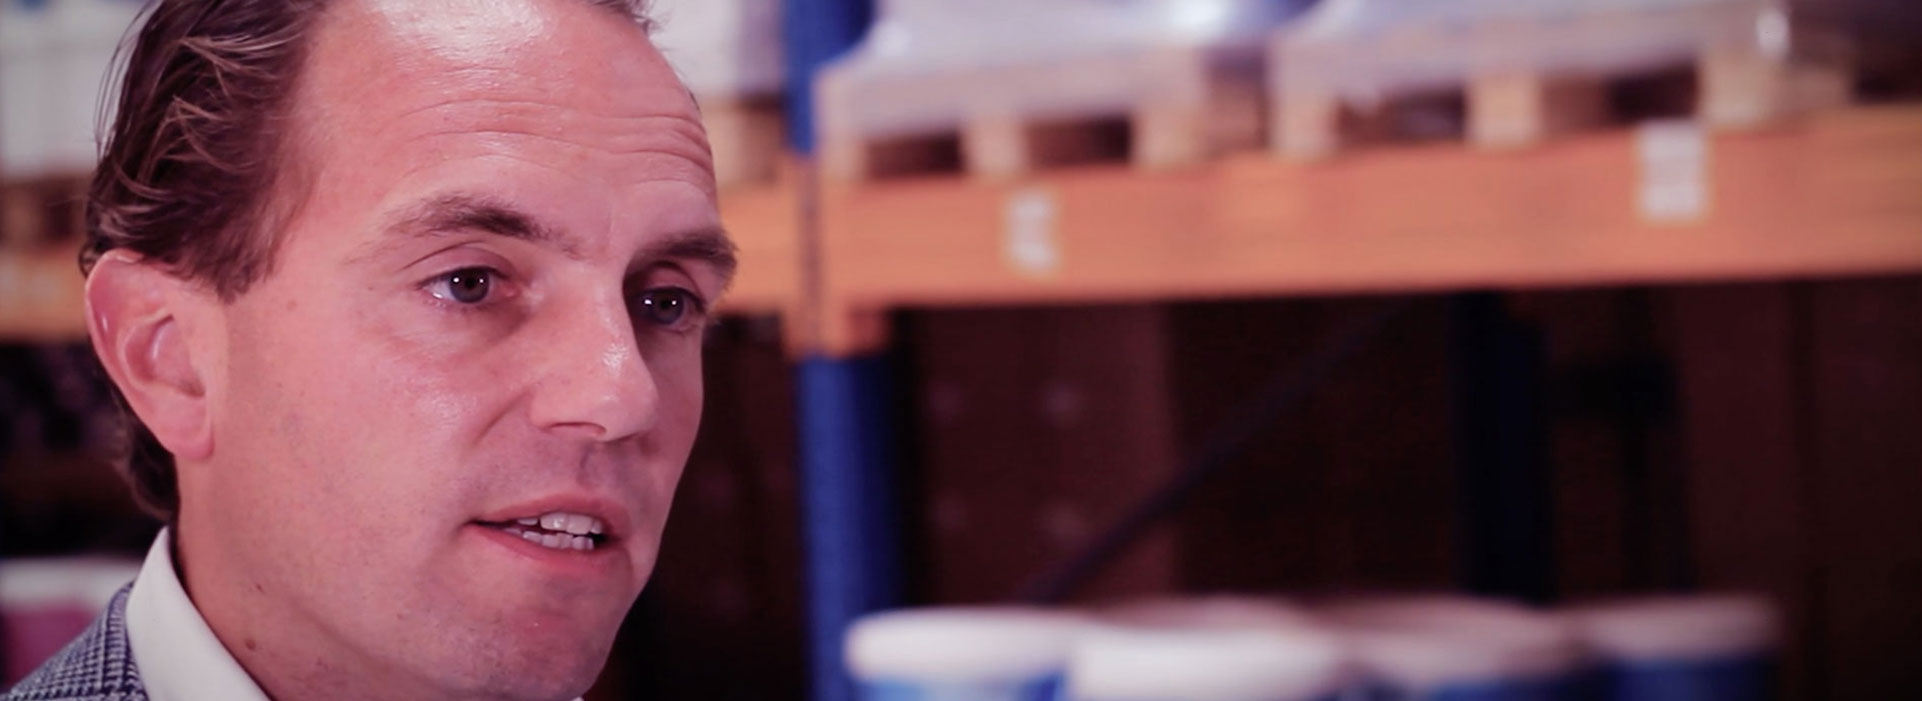 Roderick Reichert, Commercial Director Vistapaint